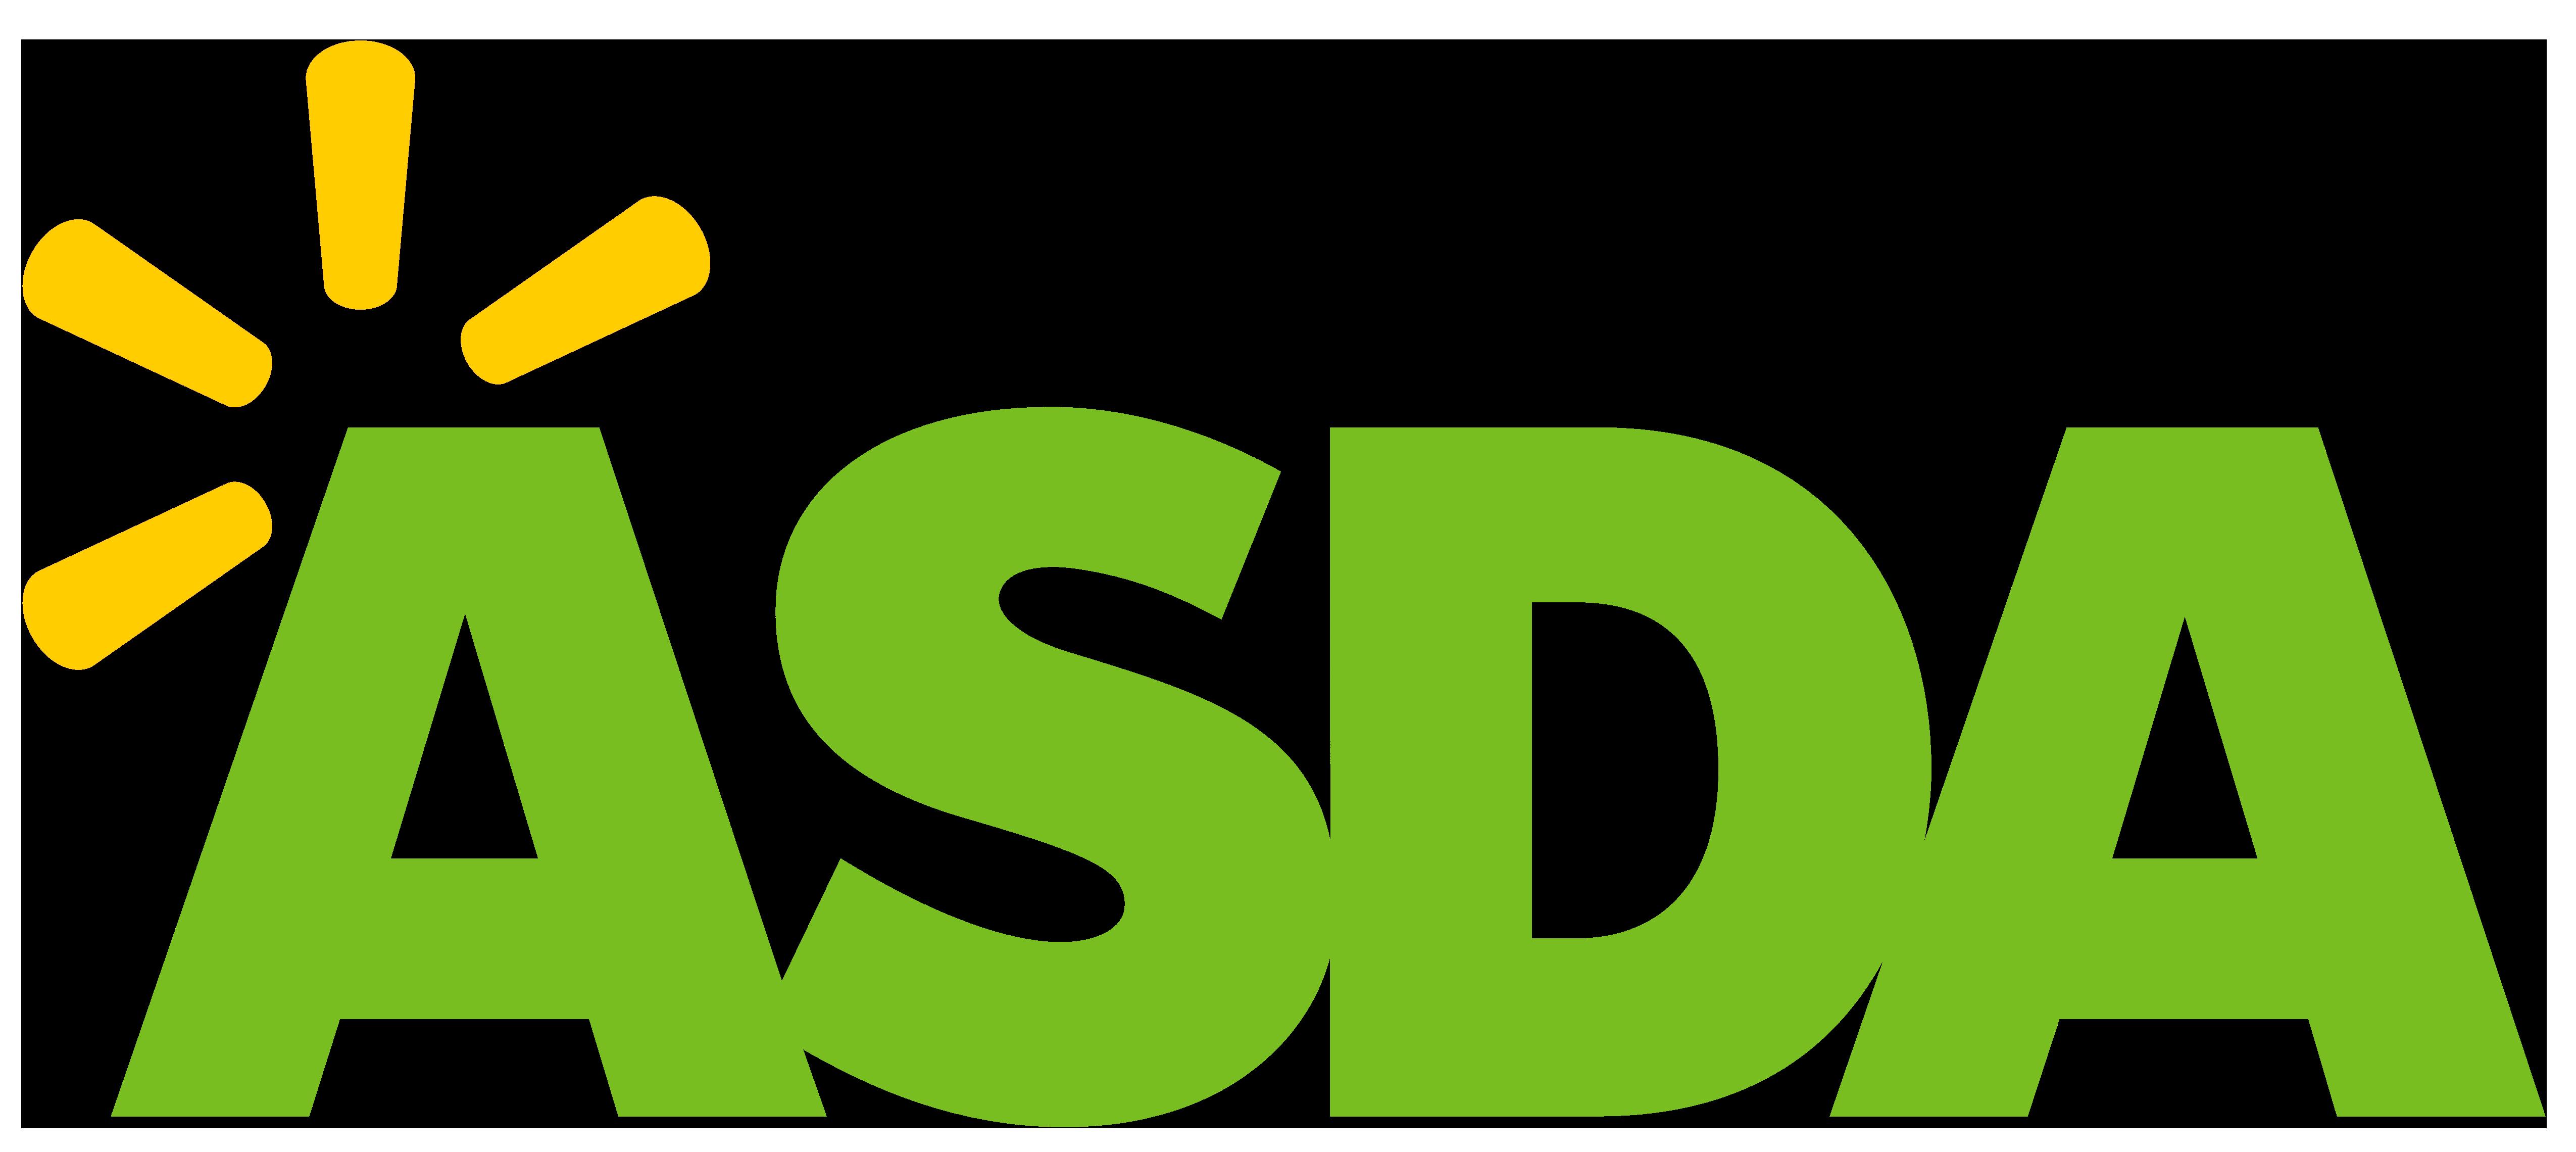 Asda_logo.png